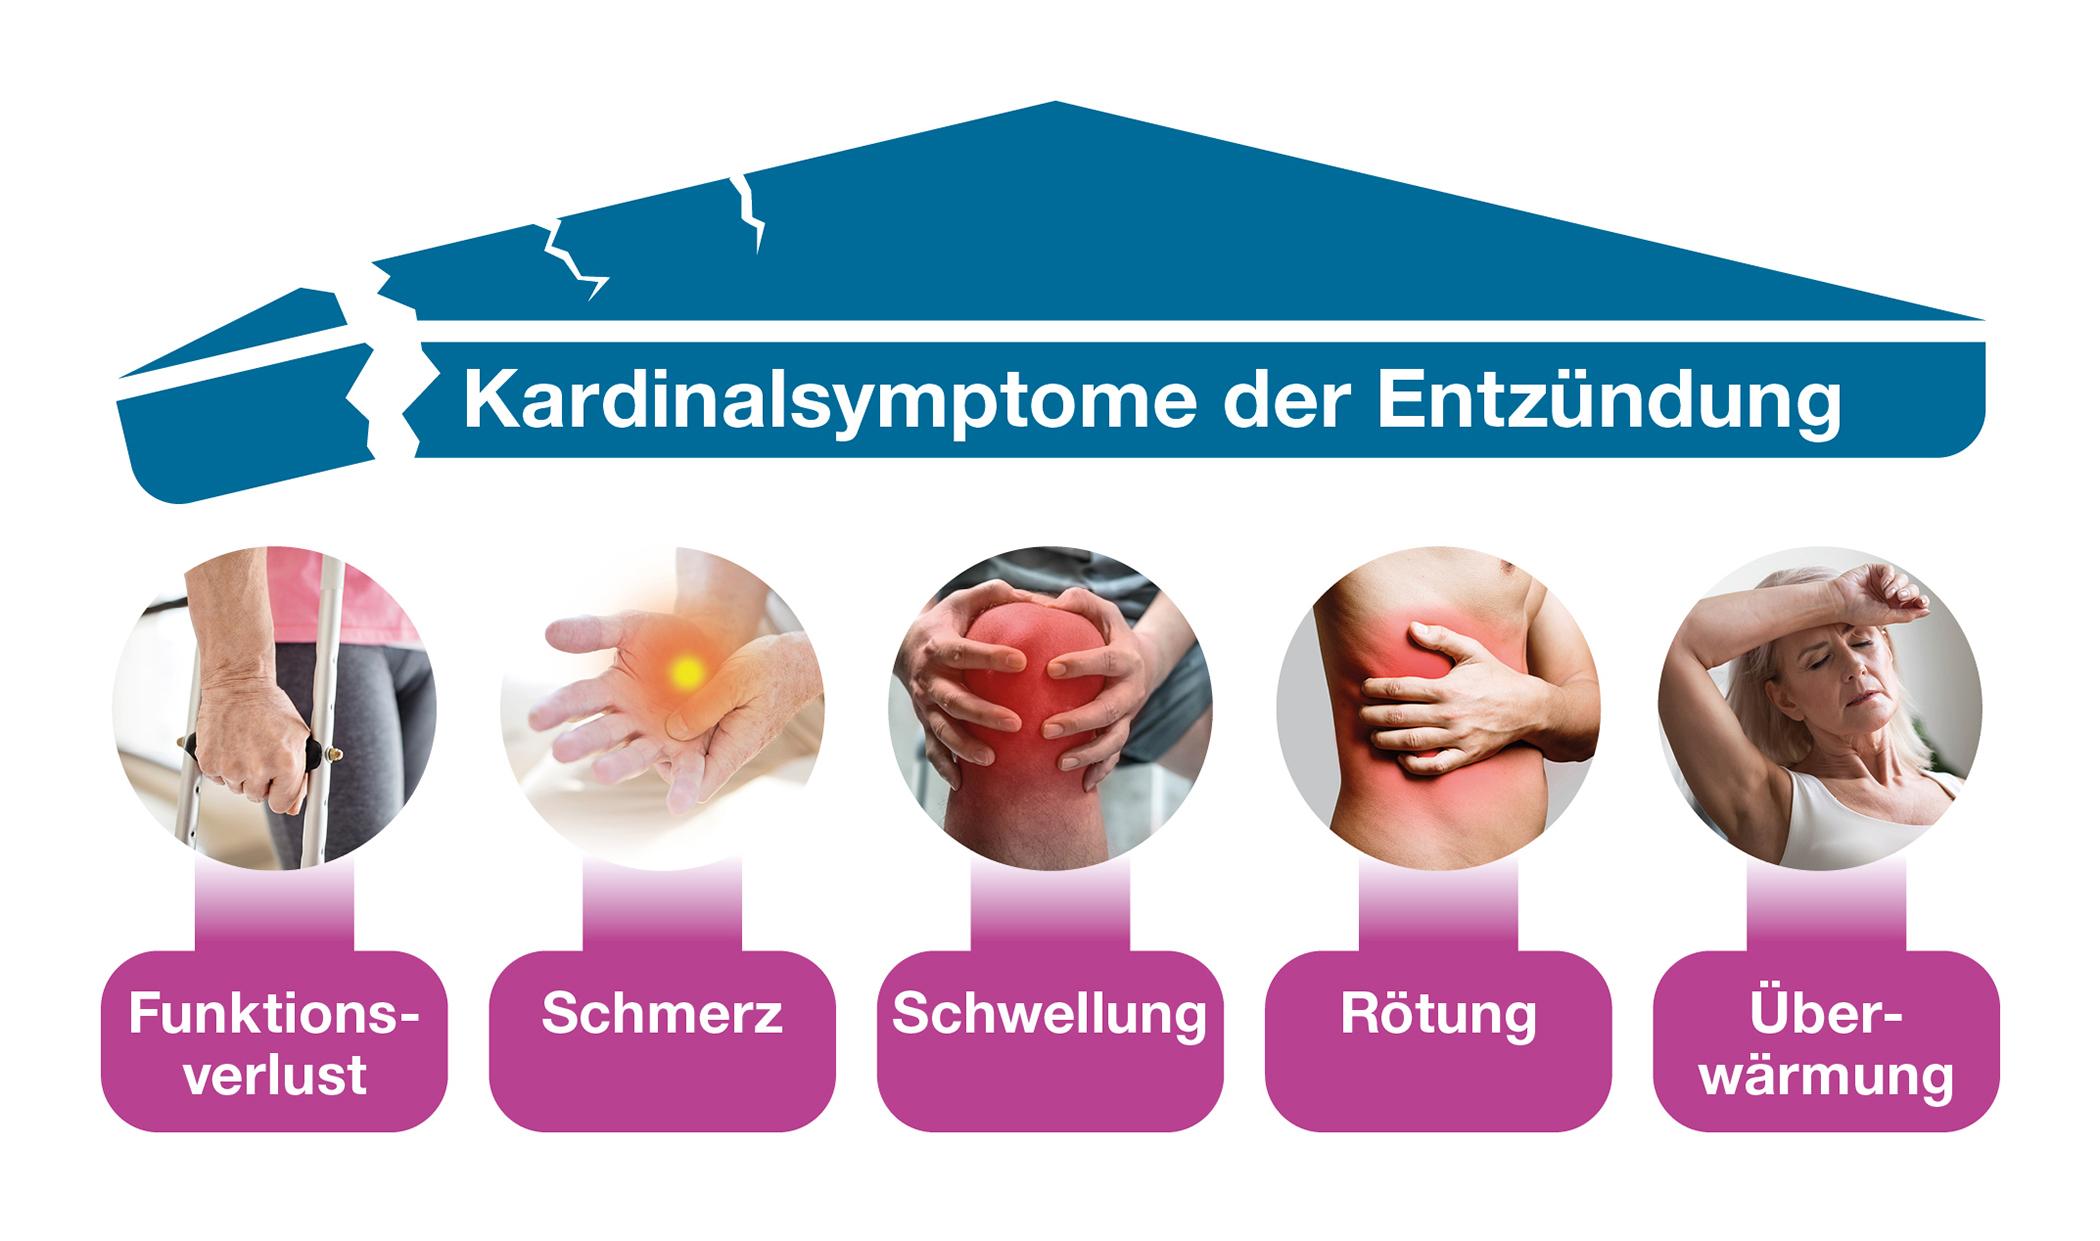 Kardinalsymptome der Entzündung